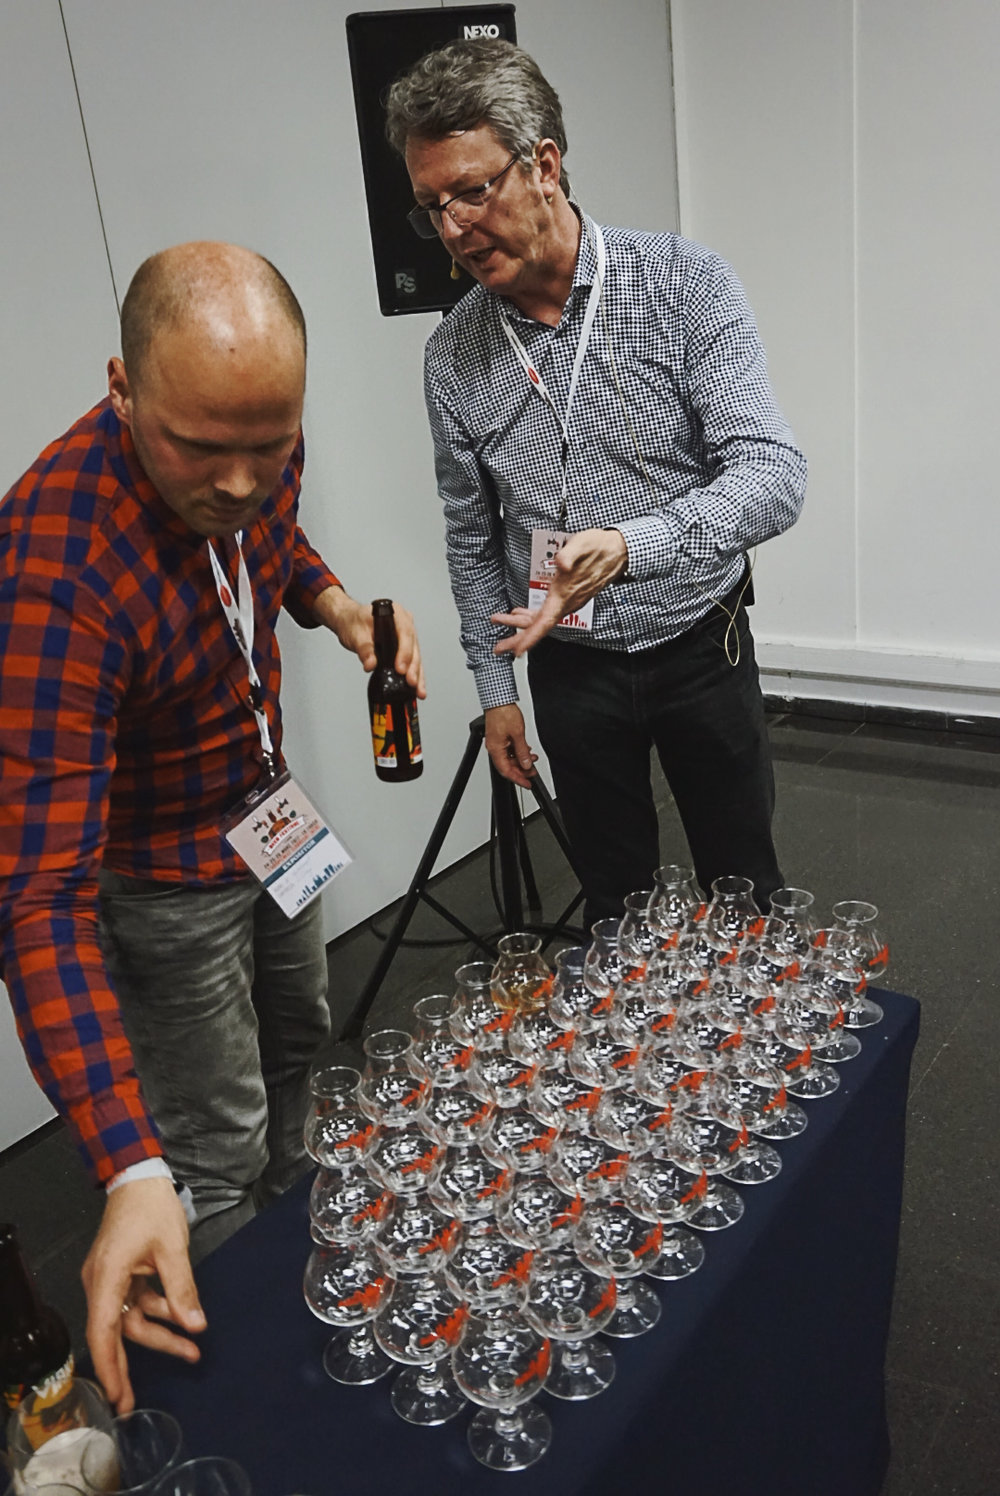 Kevin Vollebregt y Derek Walsh sirviendo ViaKrucis, una India Pale Ale de La Pirata, en las copas AnDer 1.0.